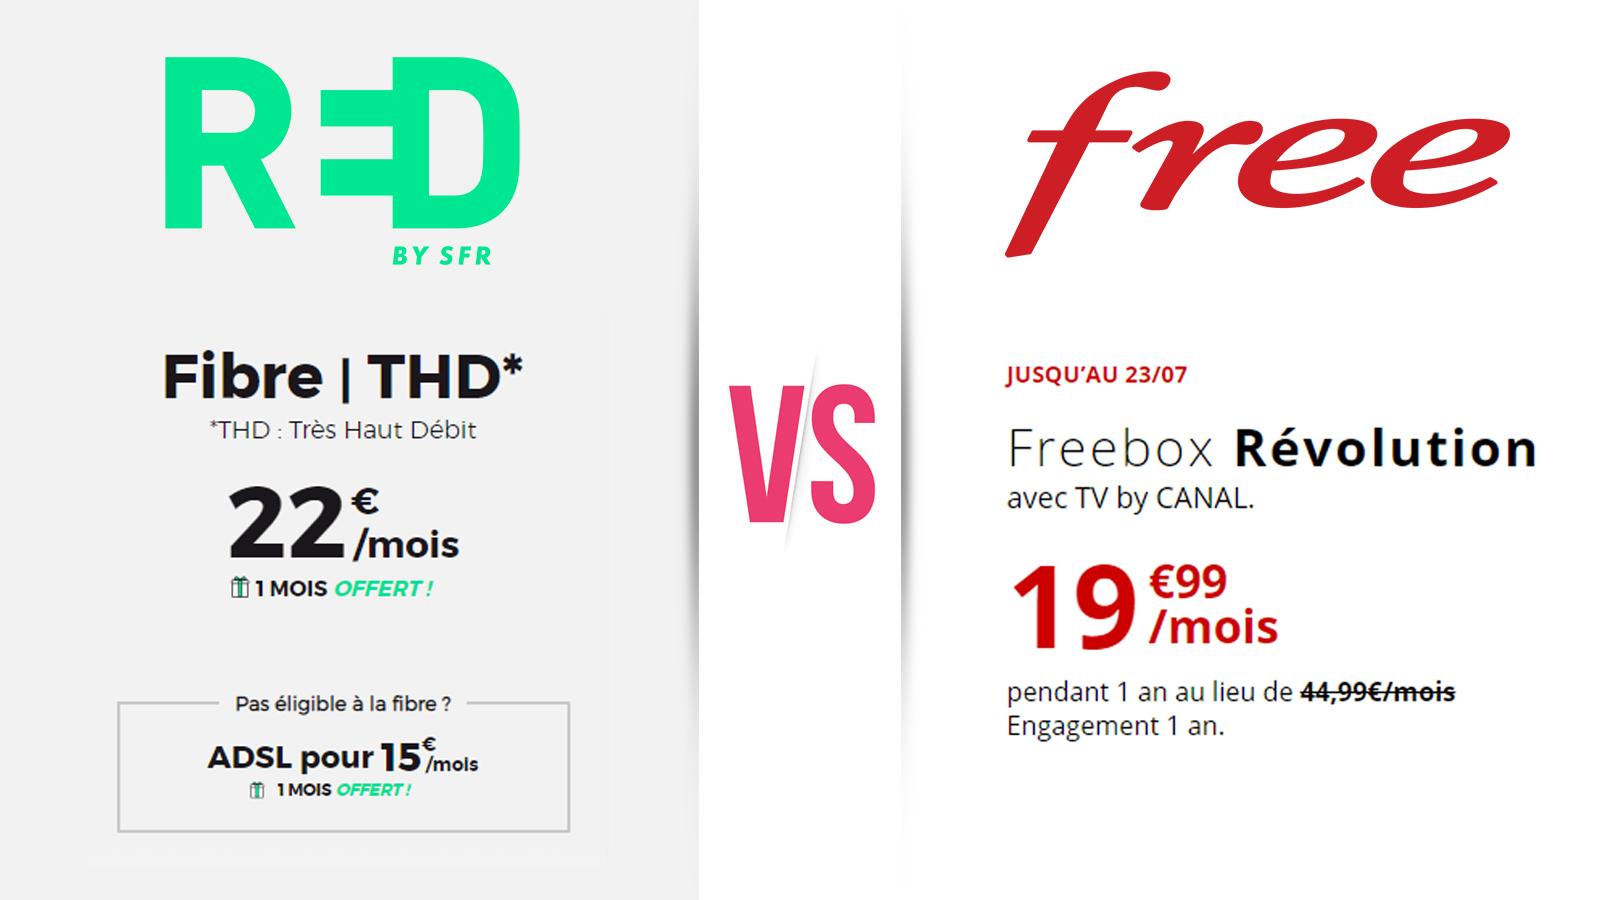 Comparatif Offre Fibre >> Fibre Internet Red Box Vs Freebox Quelle Offre Choisir